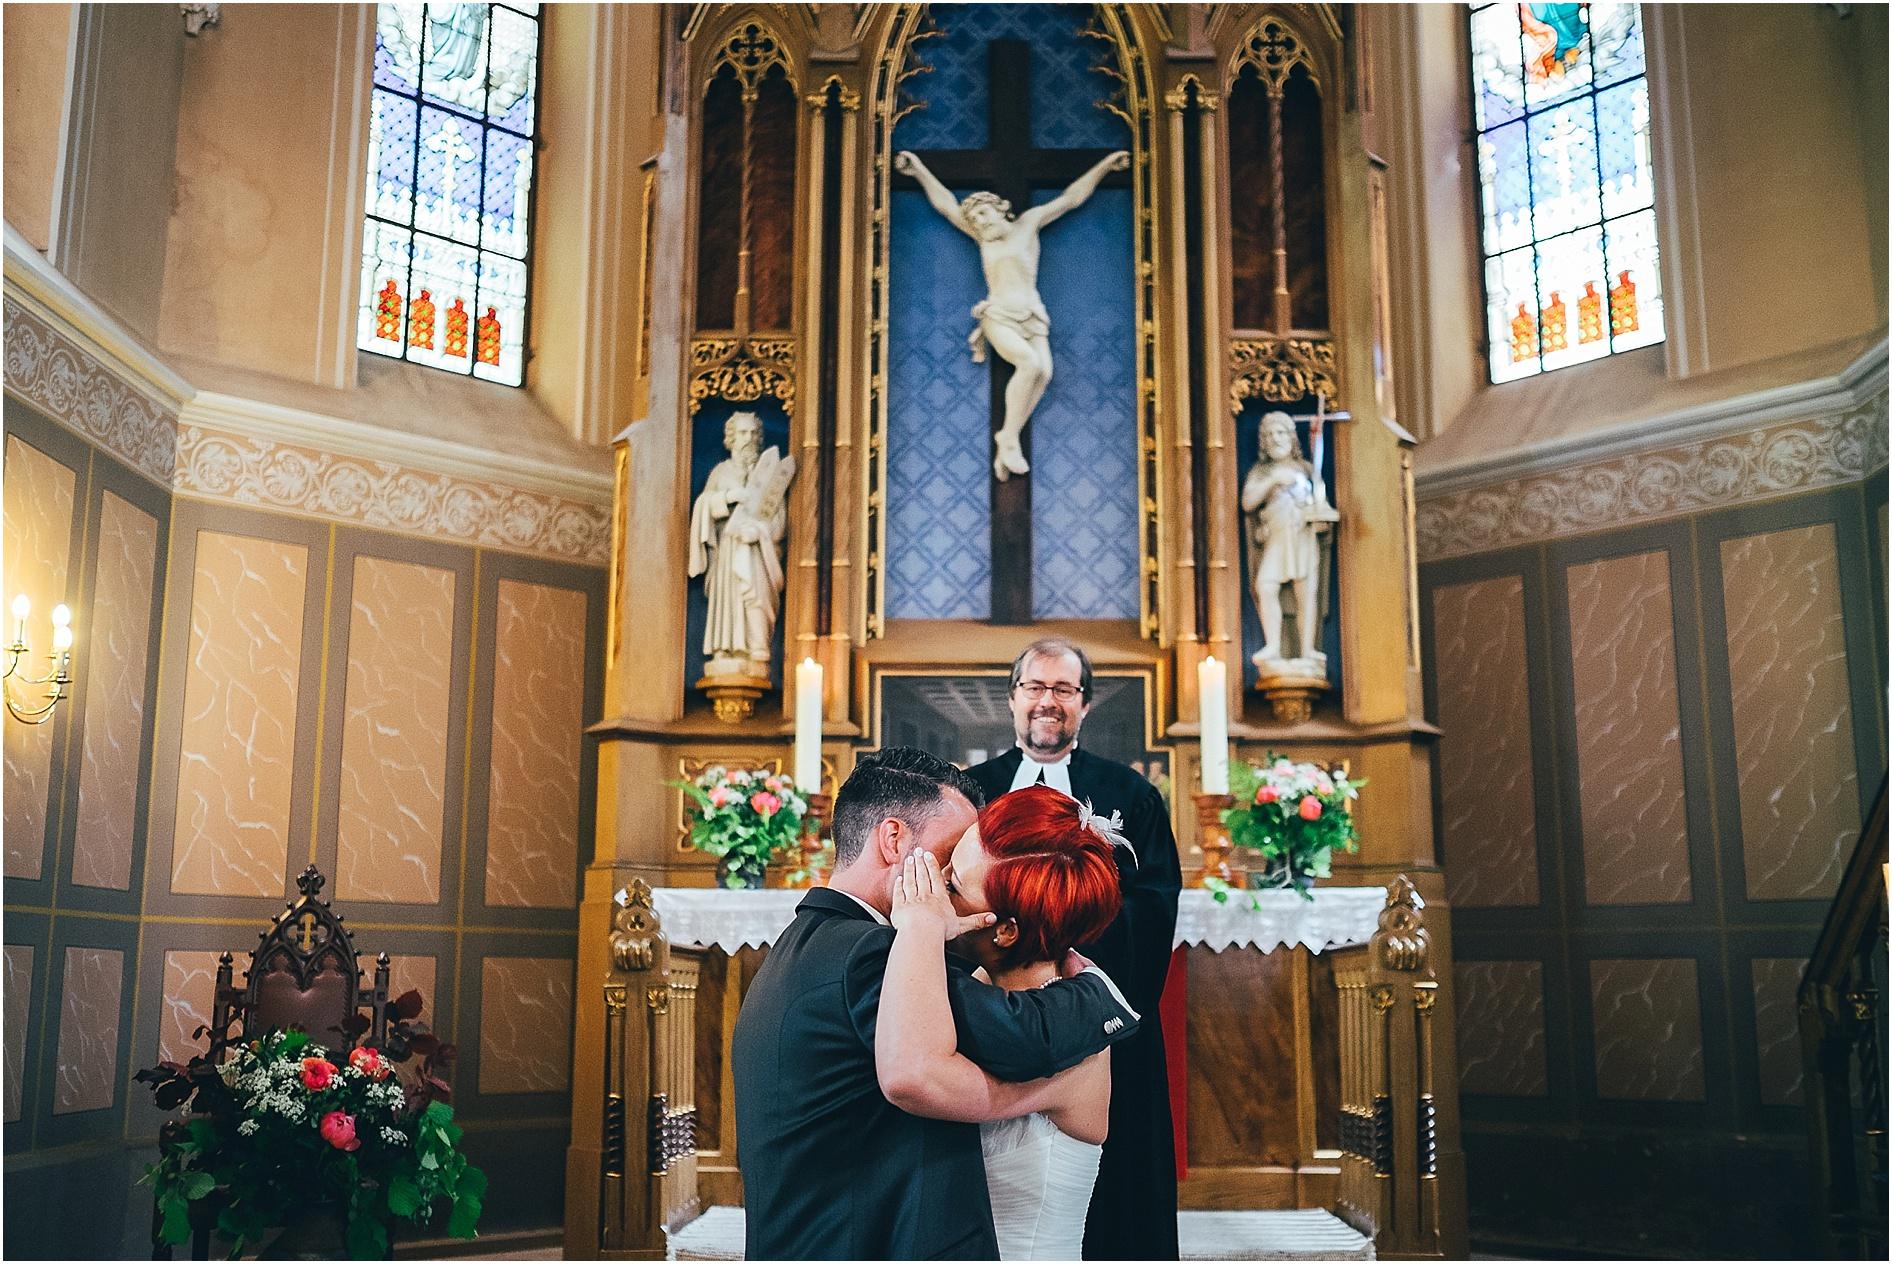 2015-10-27_0038 Tine & Chrischan - Hochzeitsfilm & Fotos in Lüneburg